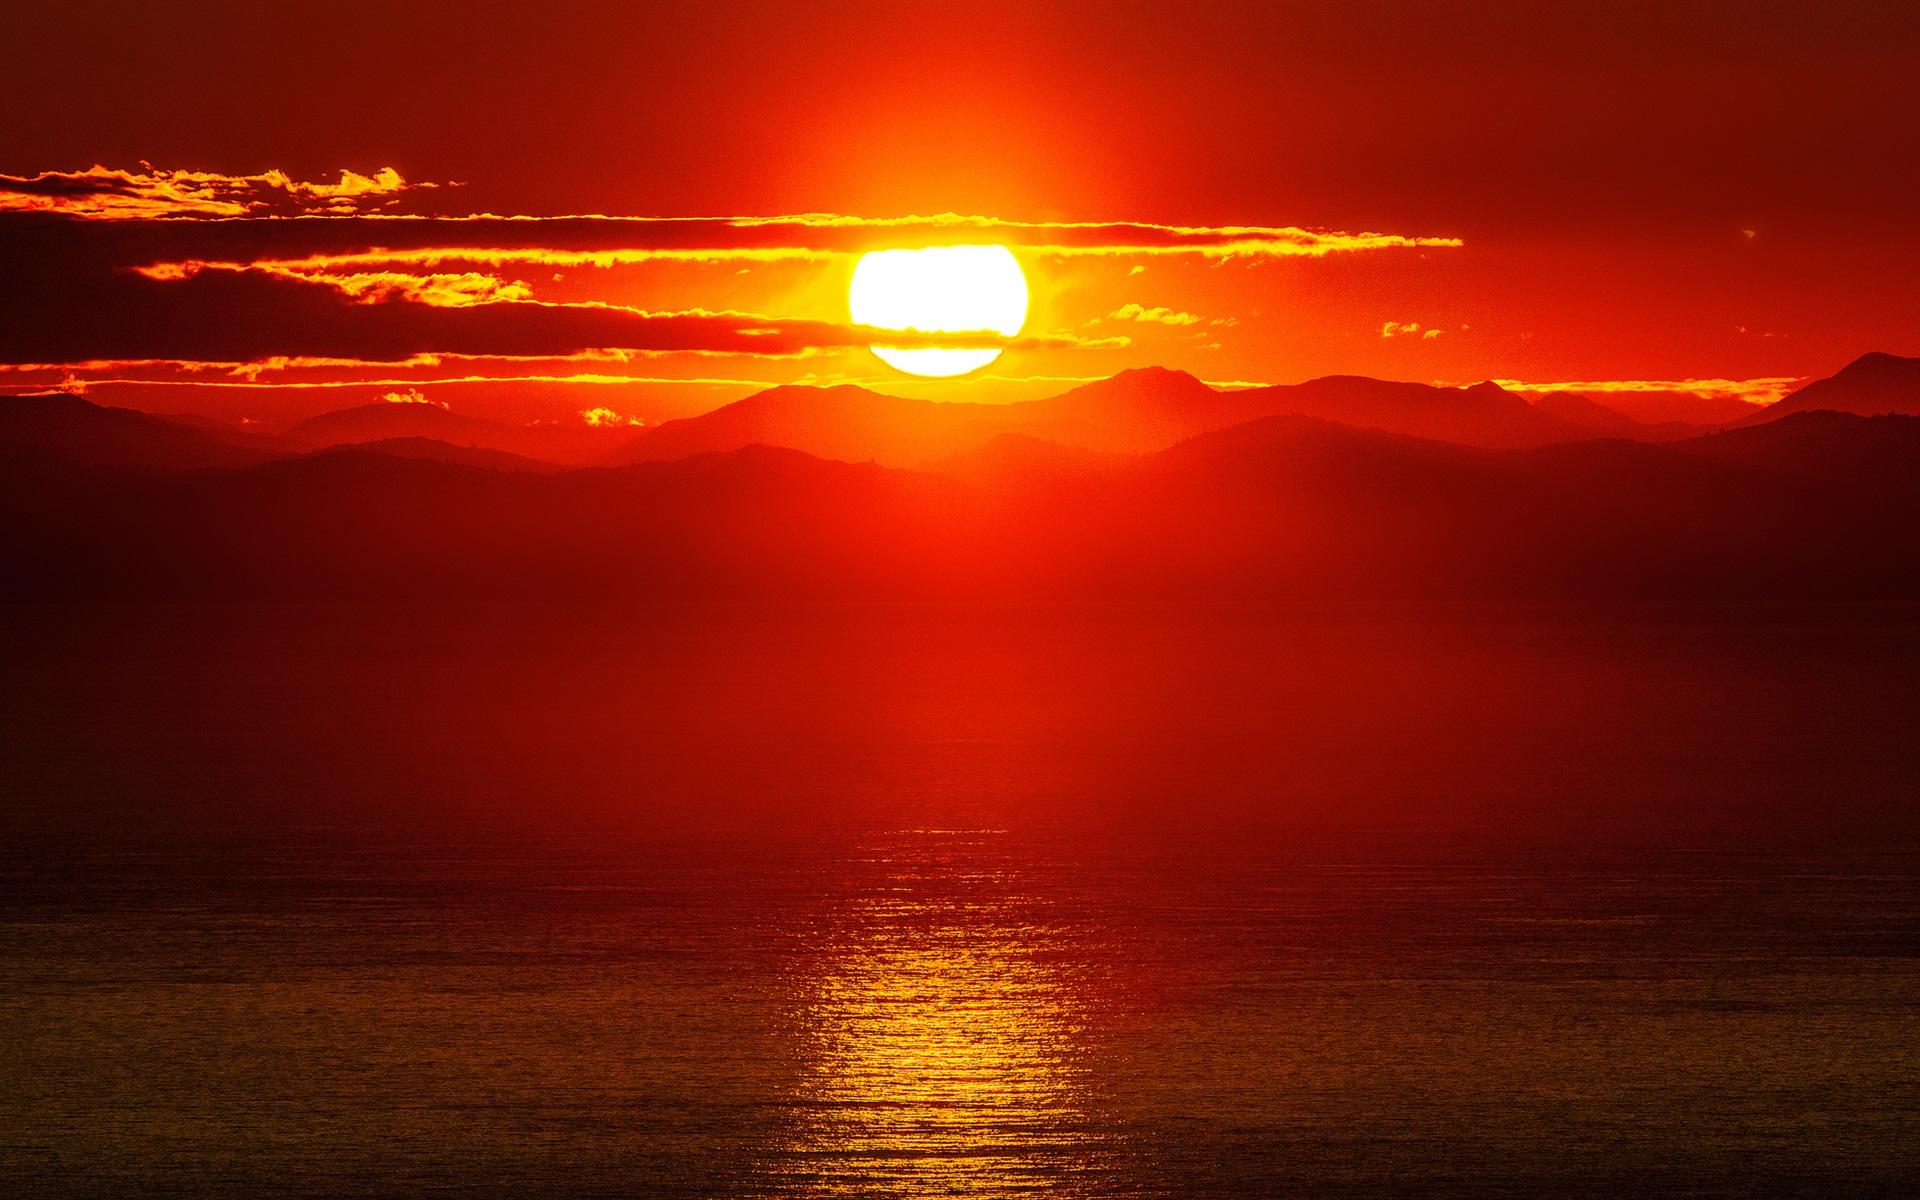 говядина самые красивые картинки с закатом солнца угадали вы